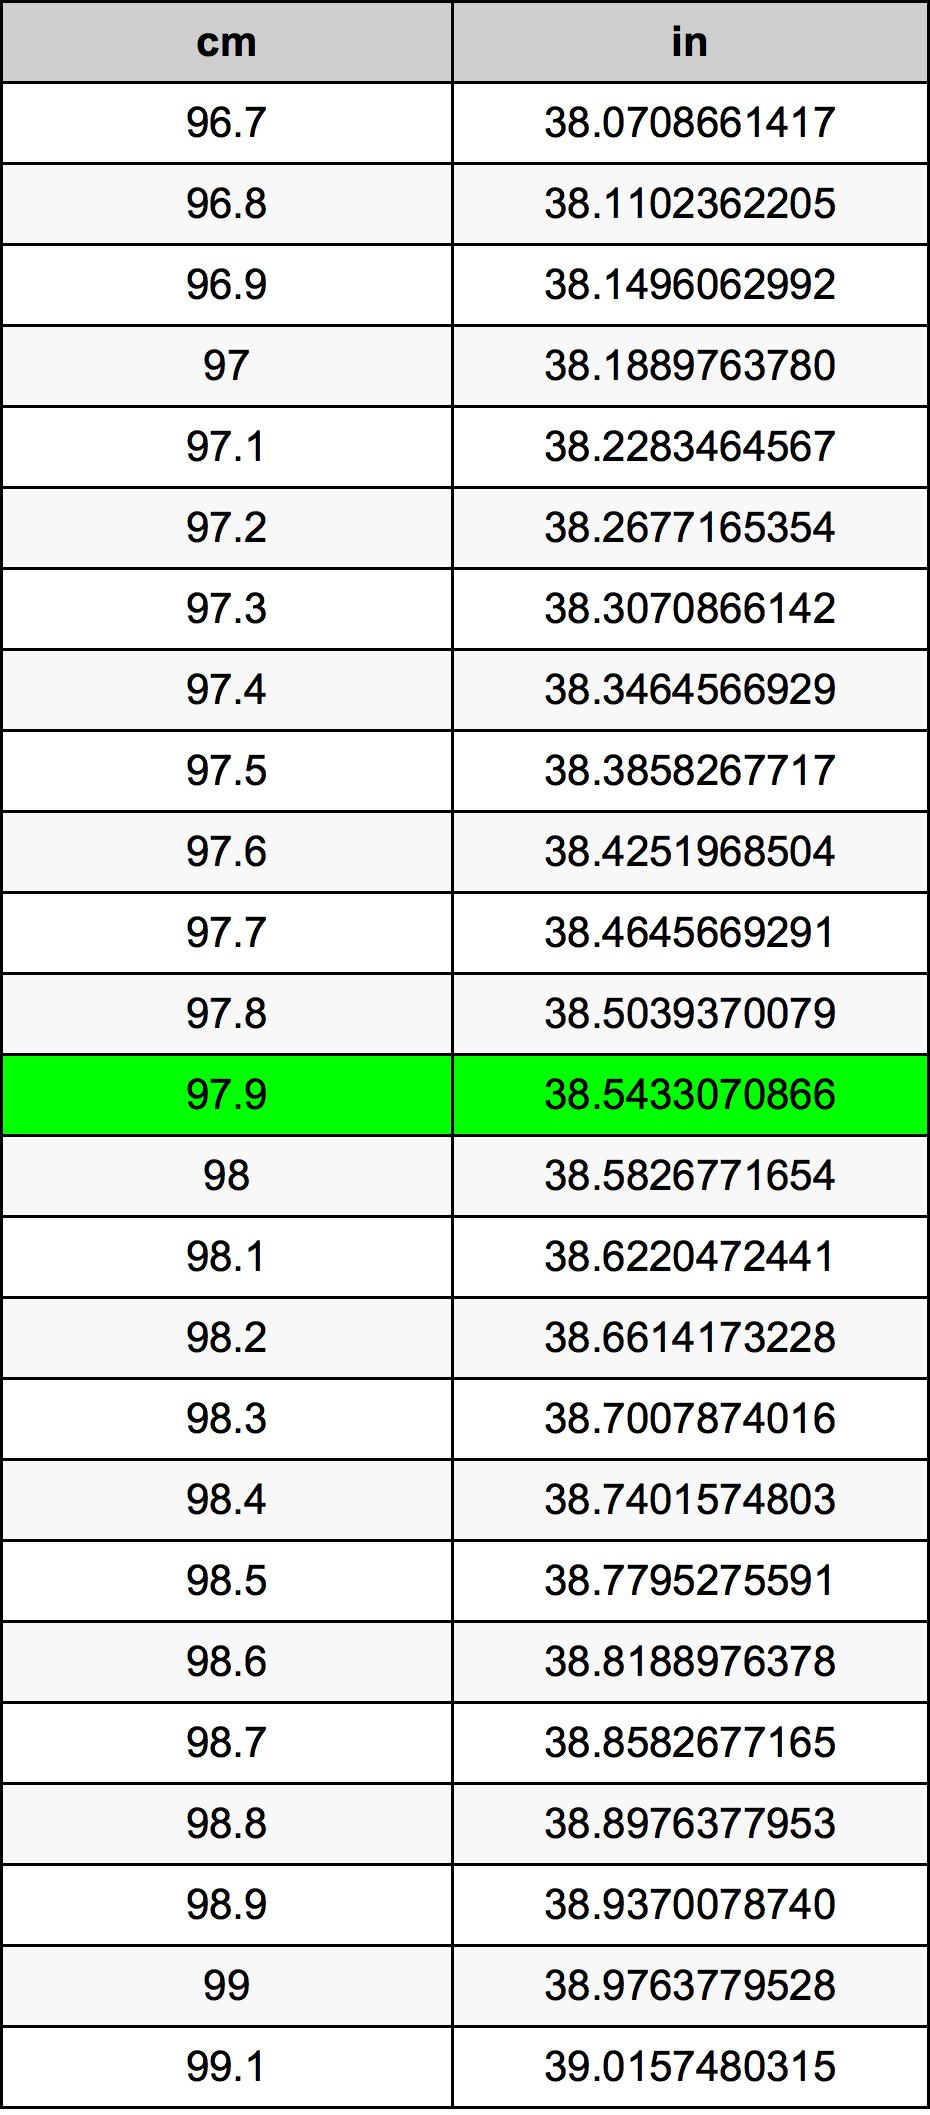 97.9 Centimetar Tablica konverzije